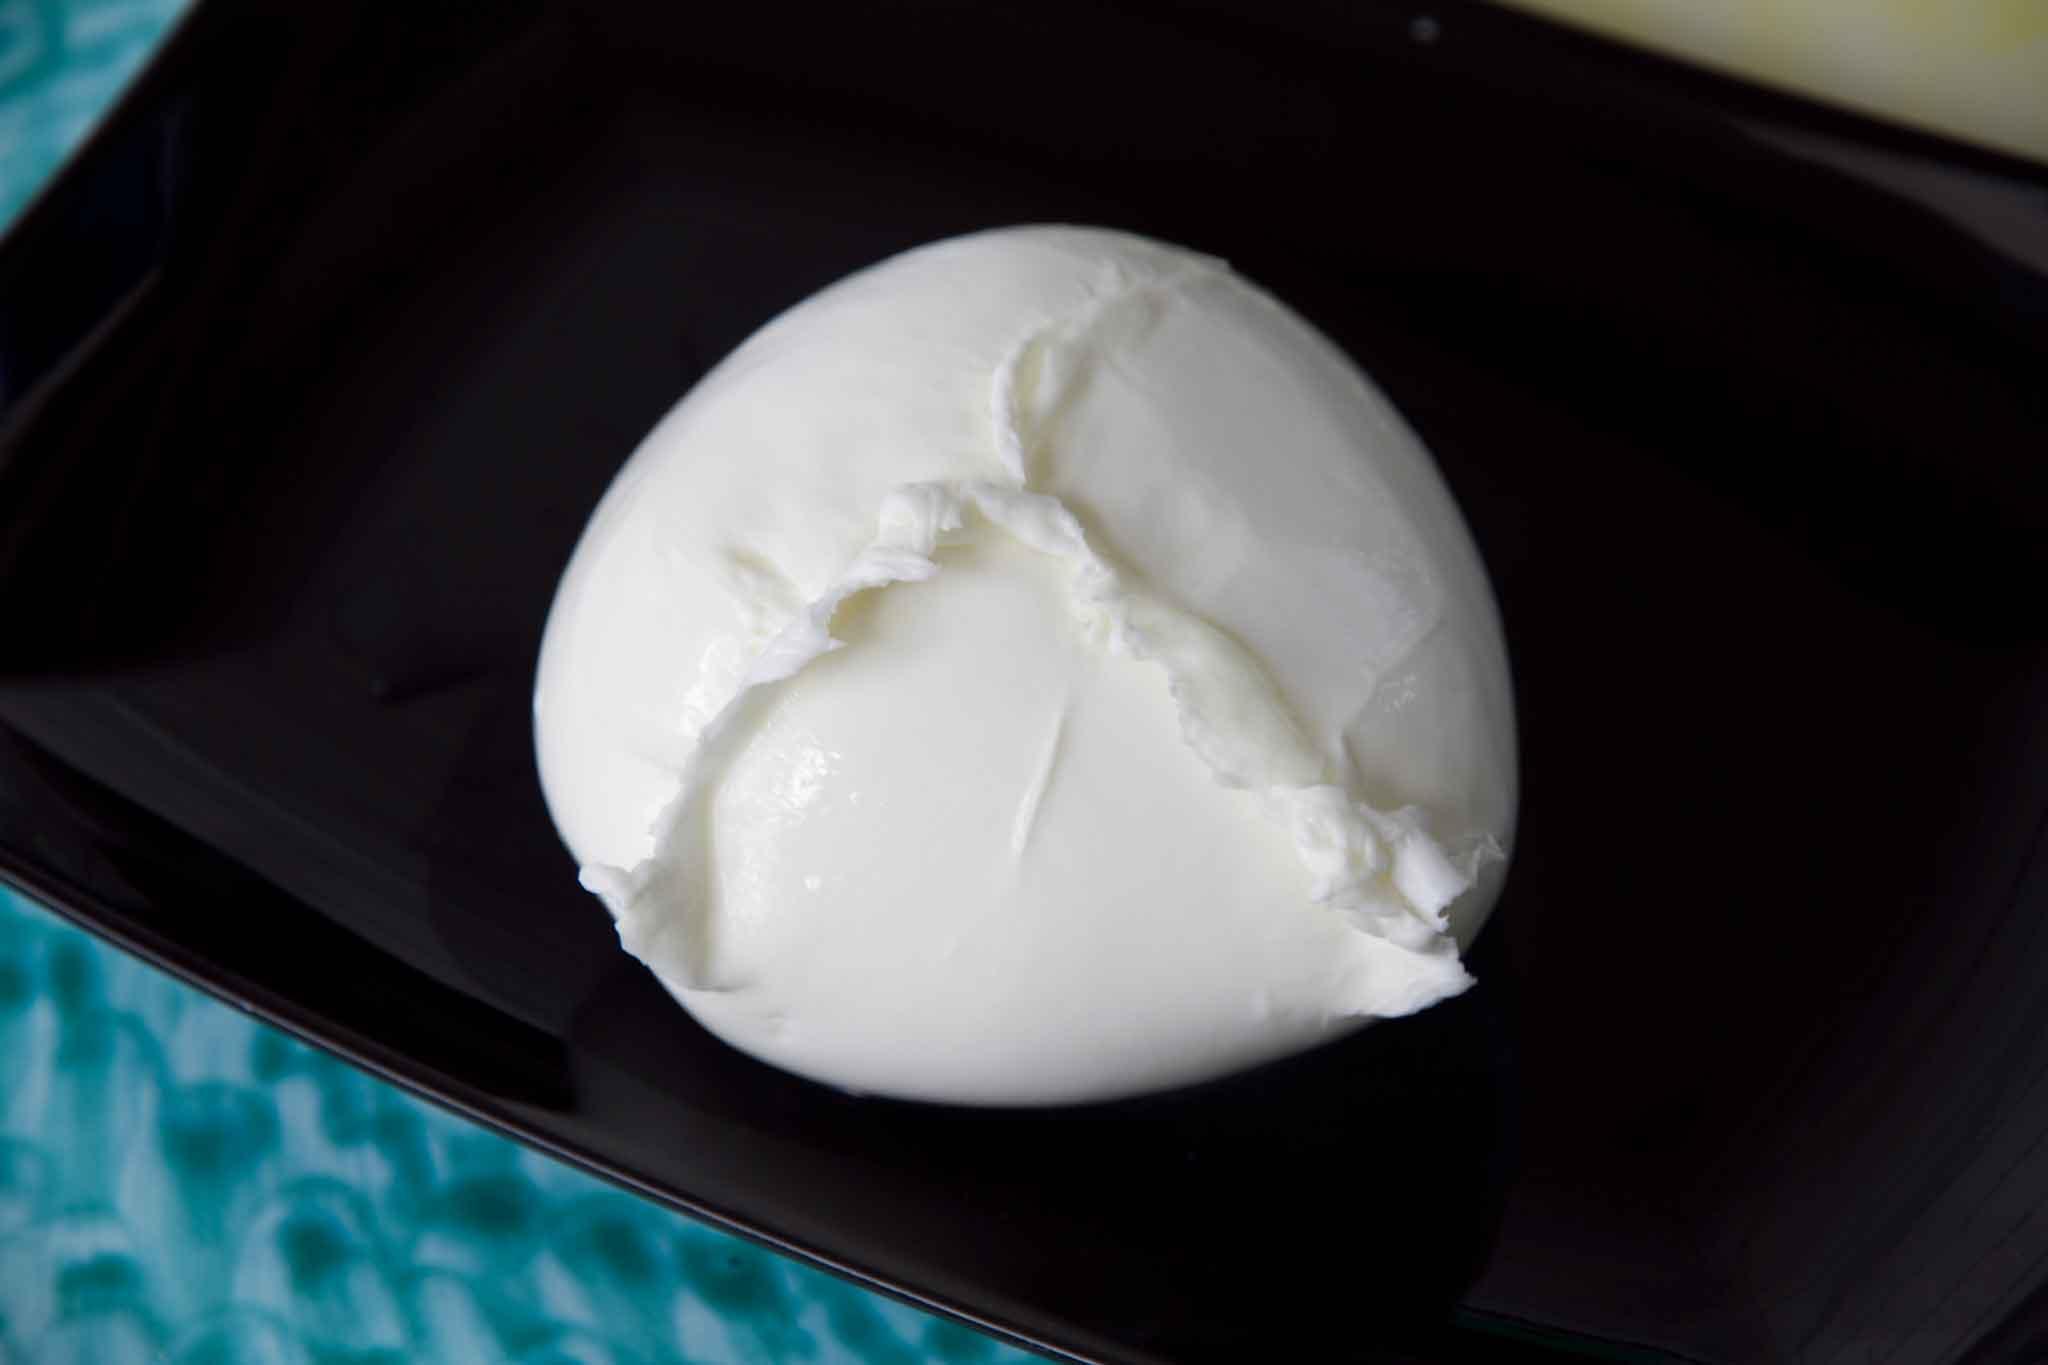 mozzarella Fattoria Pagliuca